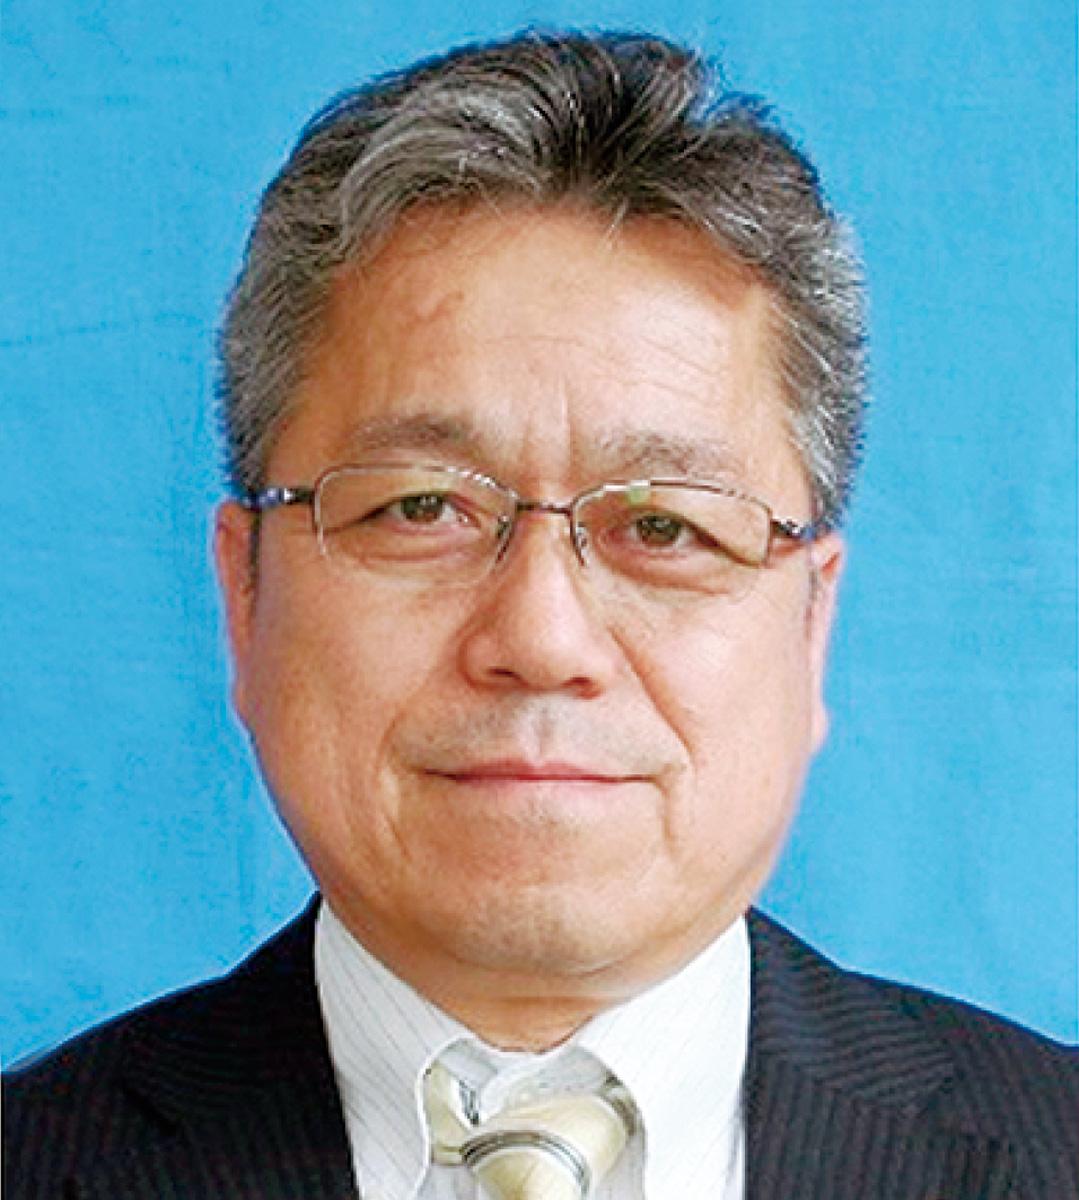 岩澤教育長立候補の意向